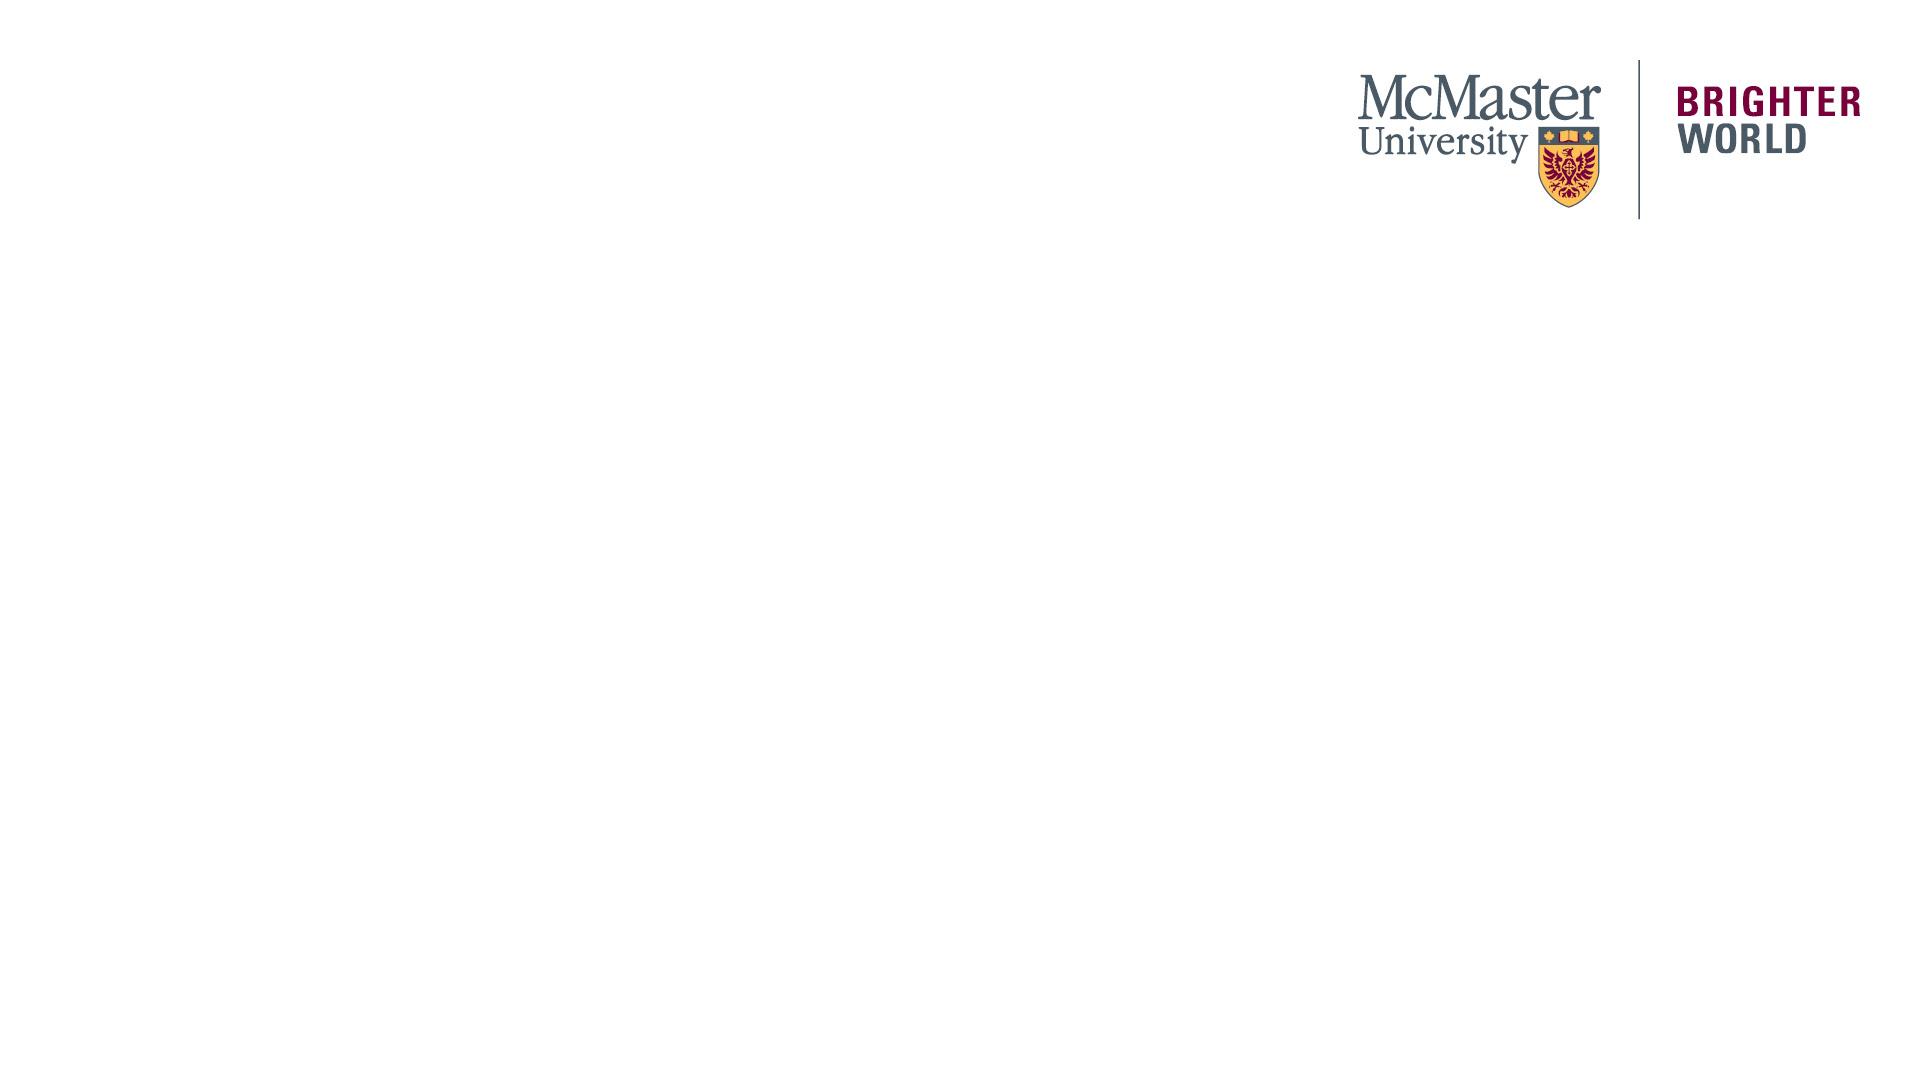 Plain McMaster Background